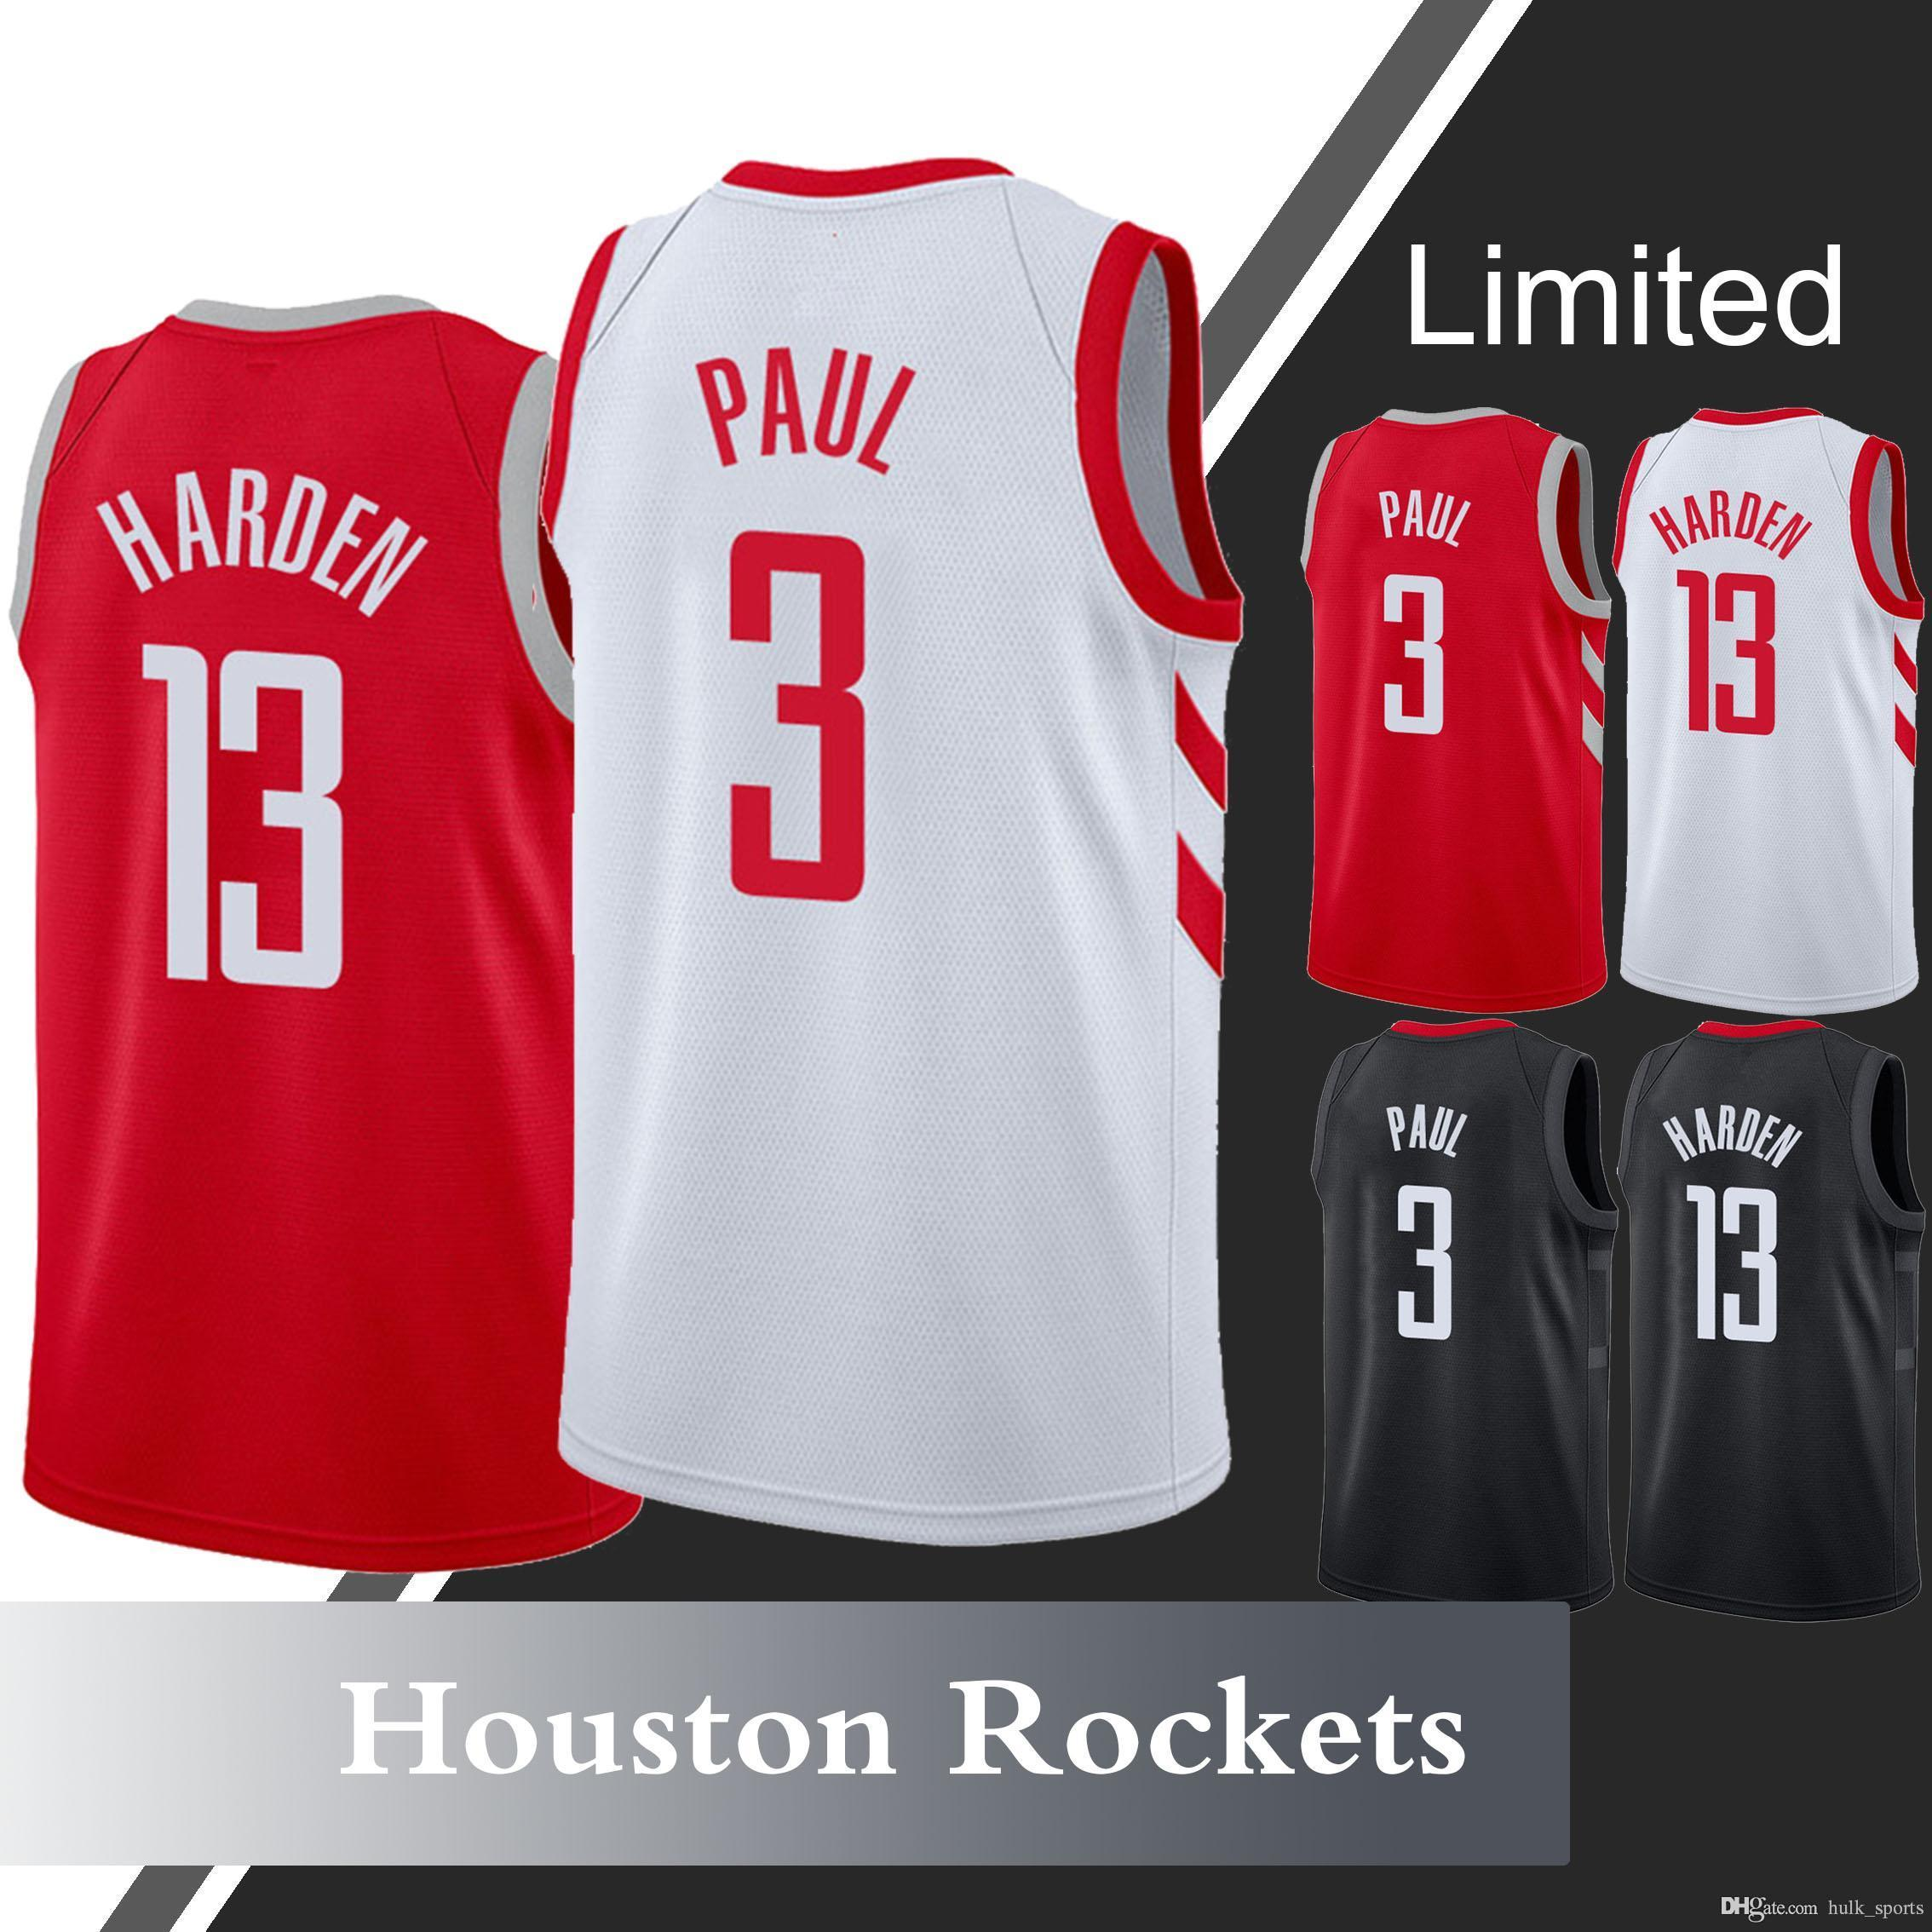 quality design 2c98a b4906 James 13 Harden jersey Houston jerseys Rockets Chris 3 Paul Carmelo 7  Anthony Basketball Jerseys